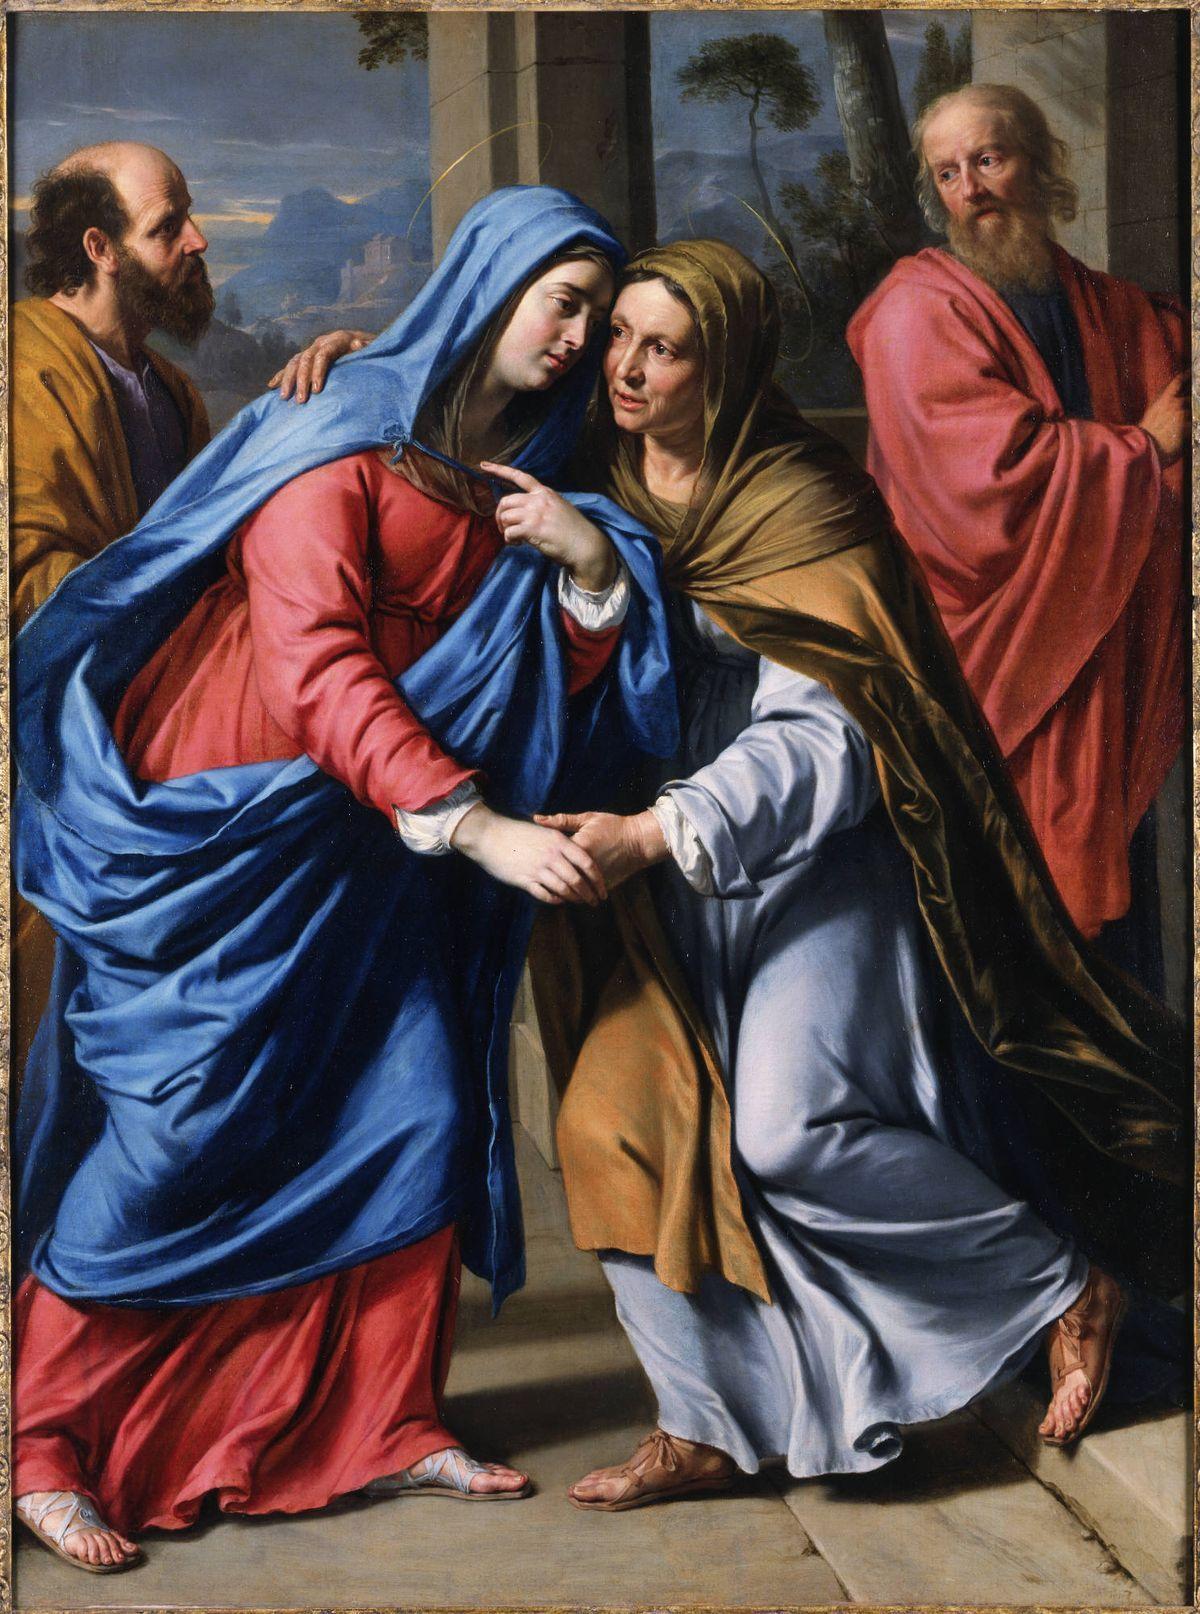 De_Champaigne-_Philippe-_The_Visitation-_1643-48-baroque-1